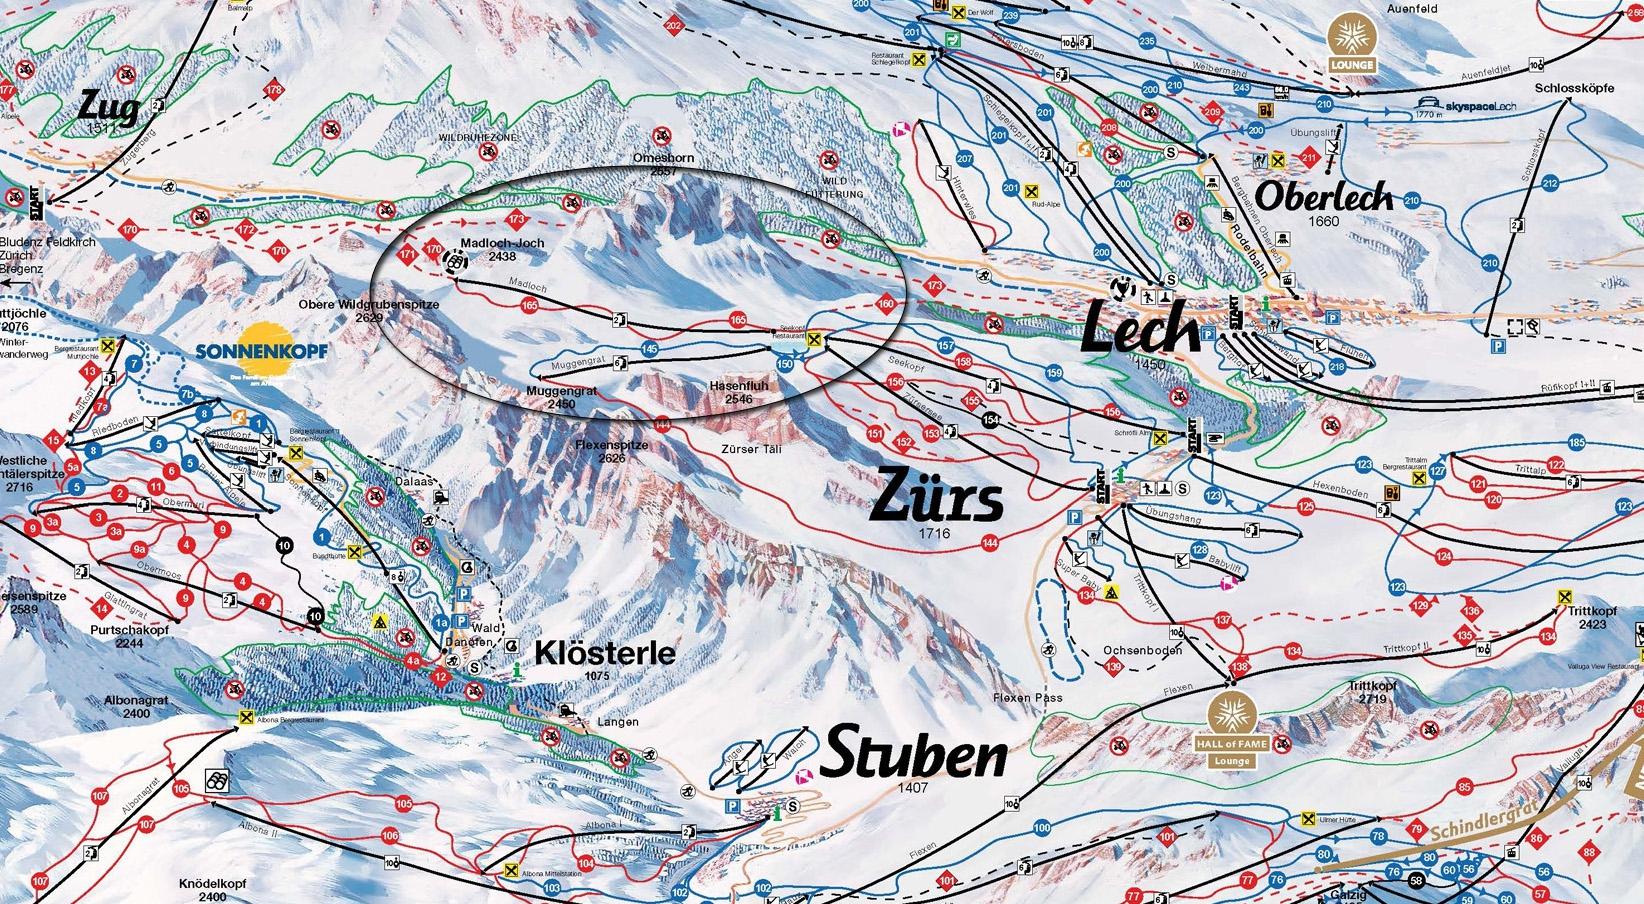 Locatie nieuwe Madlochtbahn